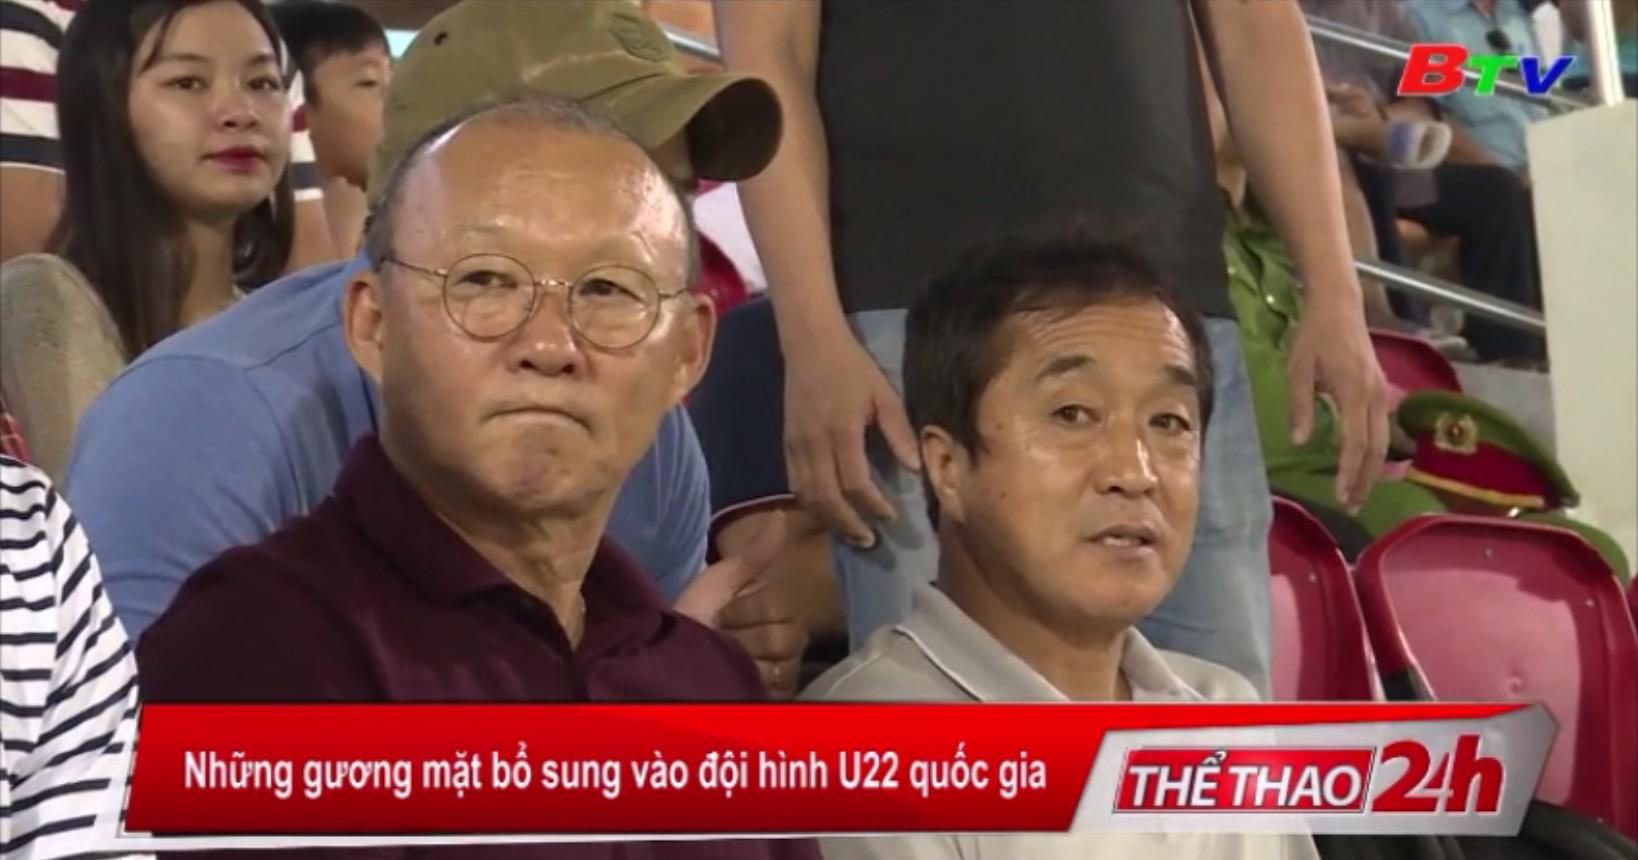 Những gương mặt bổ sung vào đội hình U22 Quốc gia